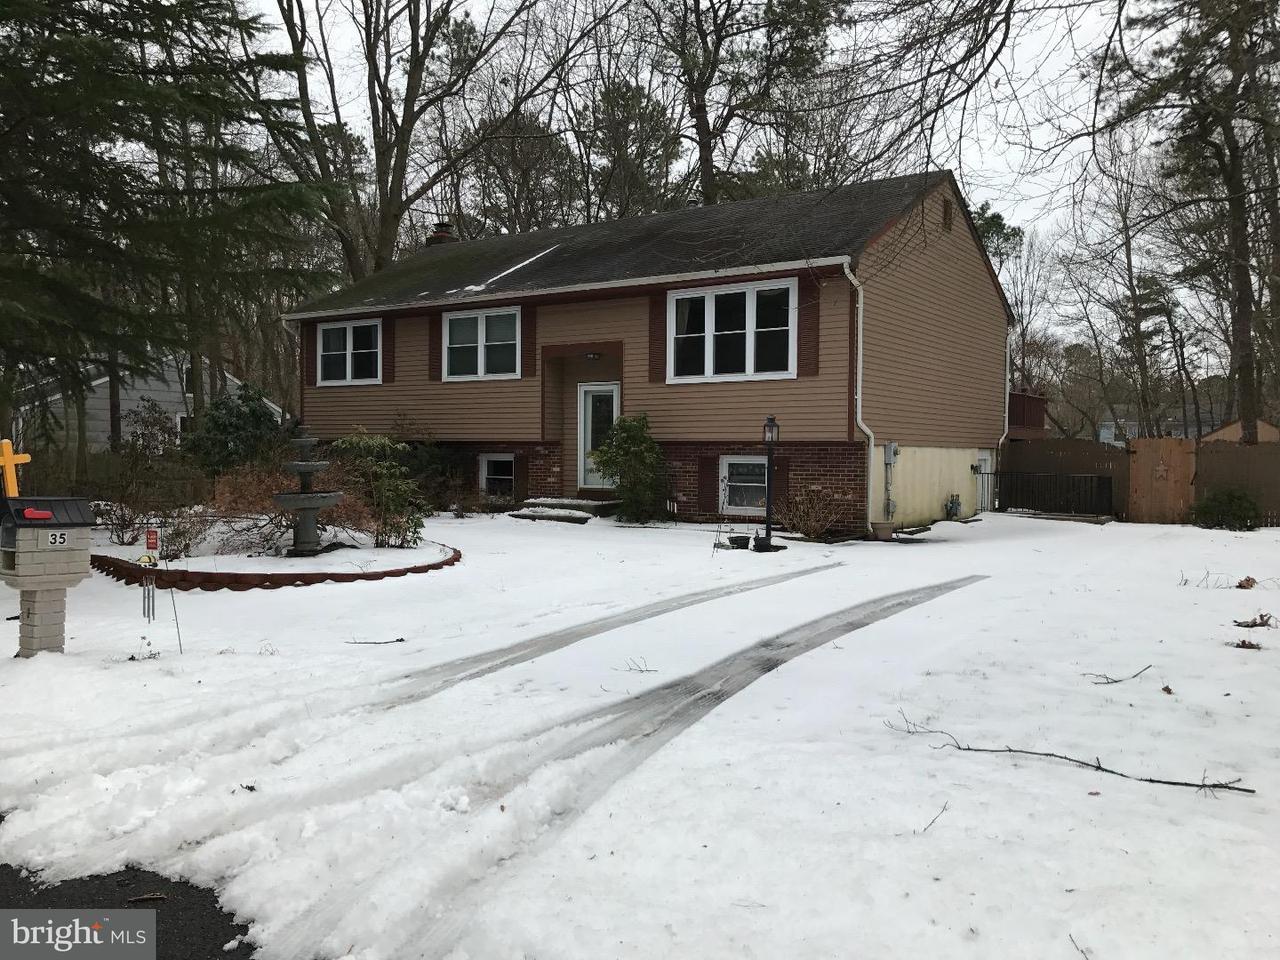 Casa Unifamiliar por un Venta en 35 BIRCHWOOD WAY Gibbsboro, Nueva Jersey 08026 Estados Unidos